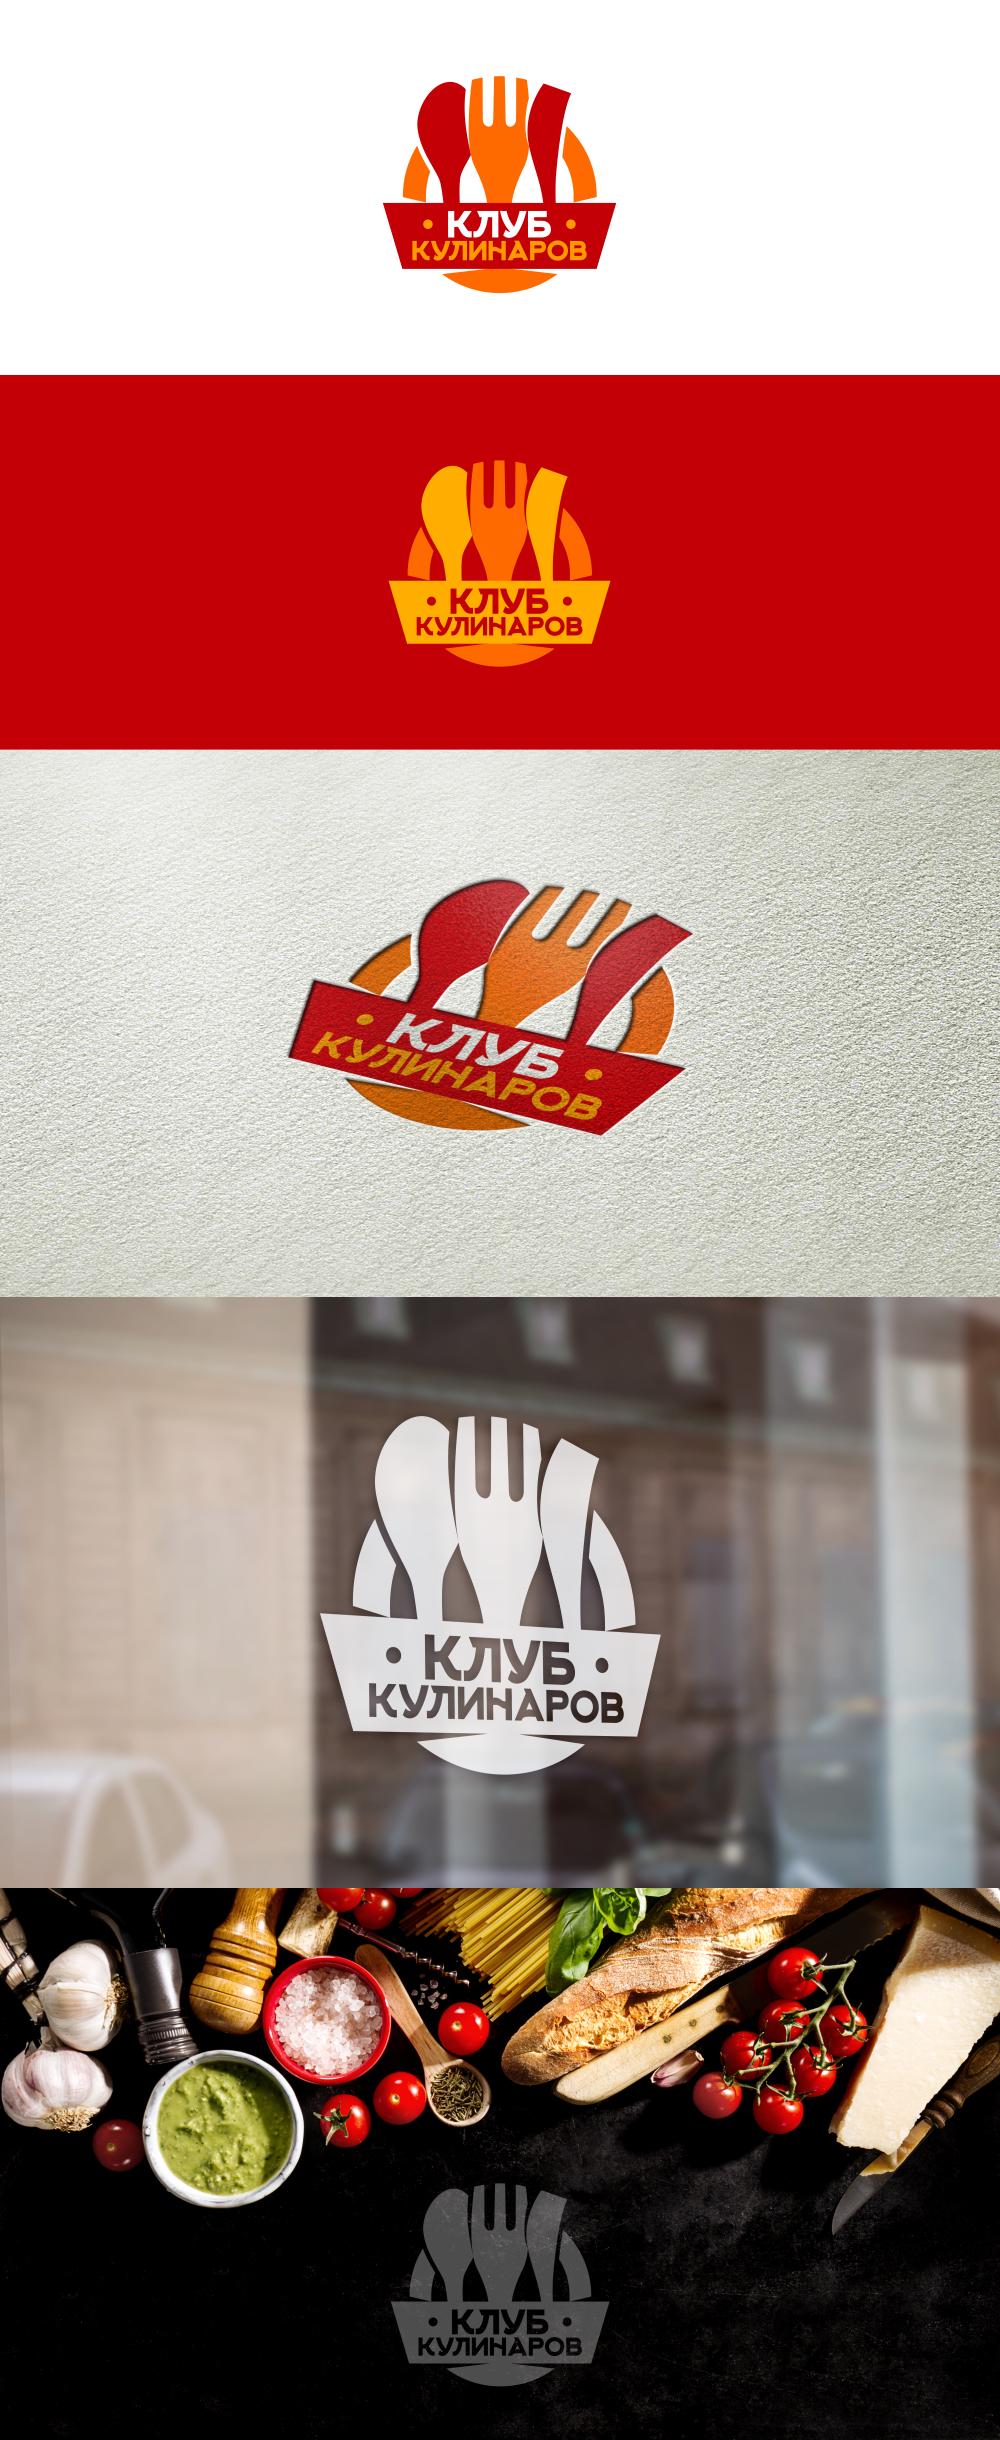 Клуб Кулинаров